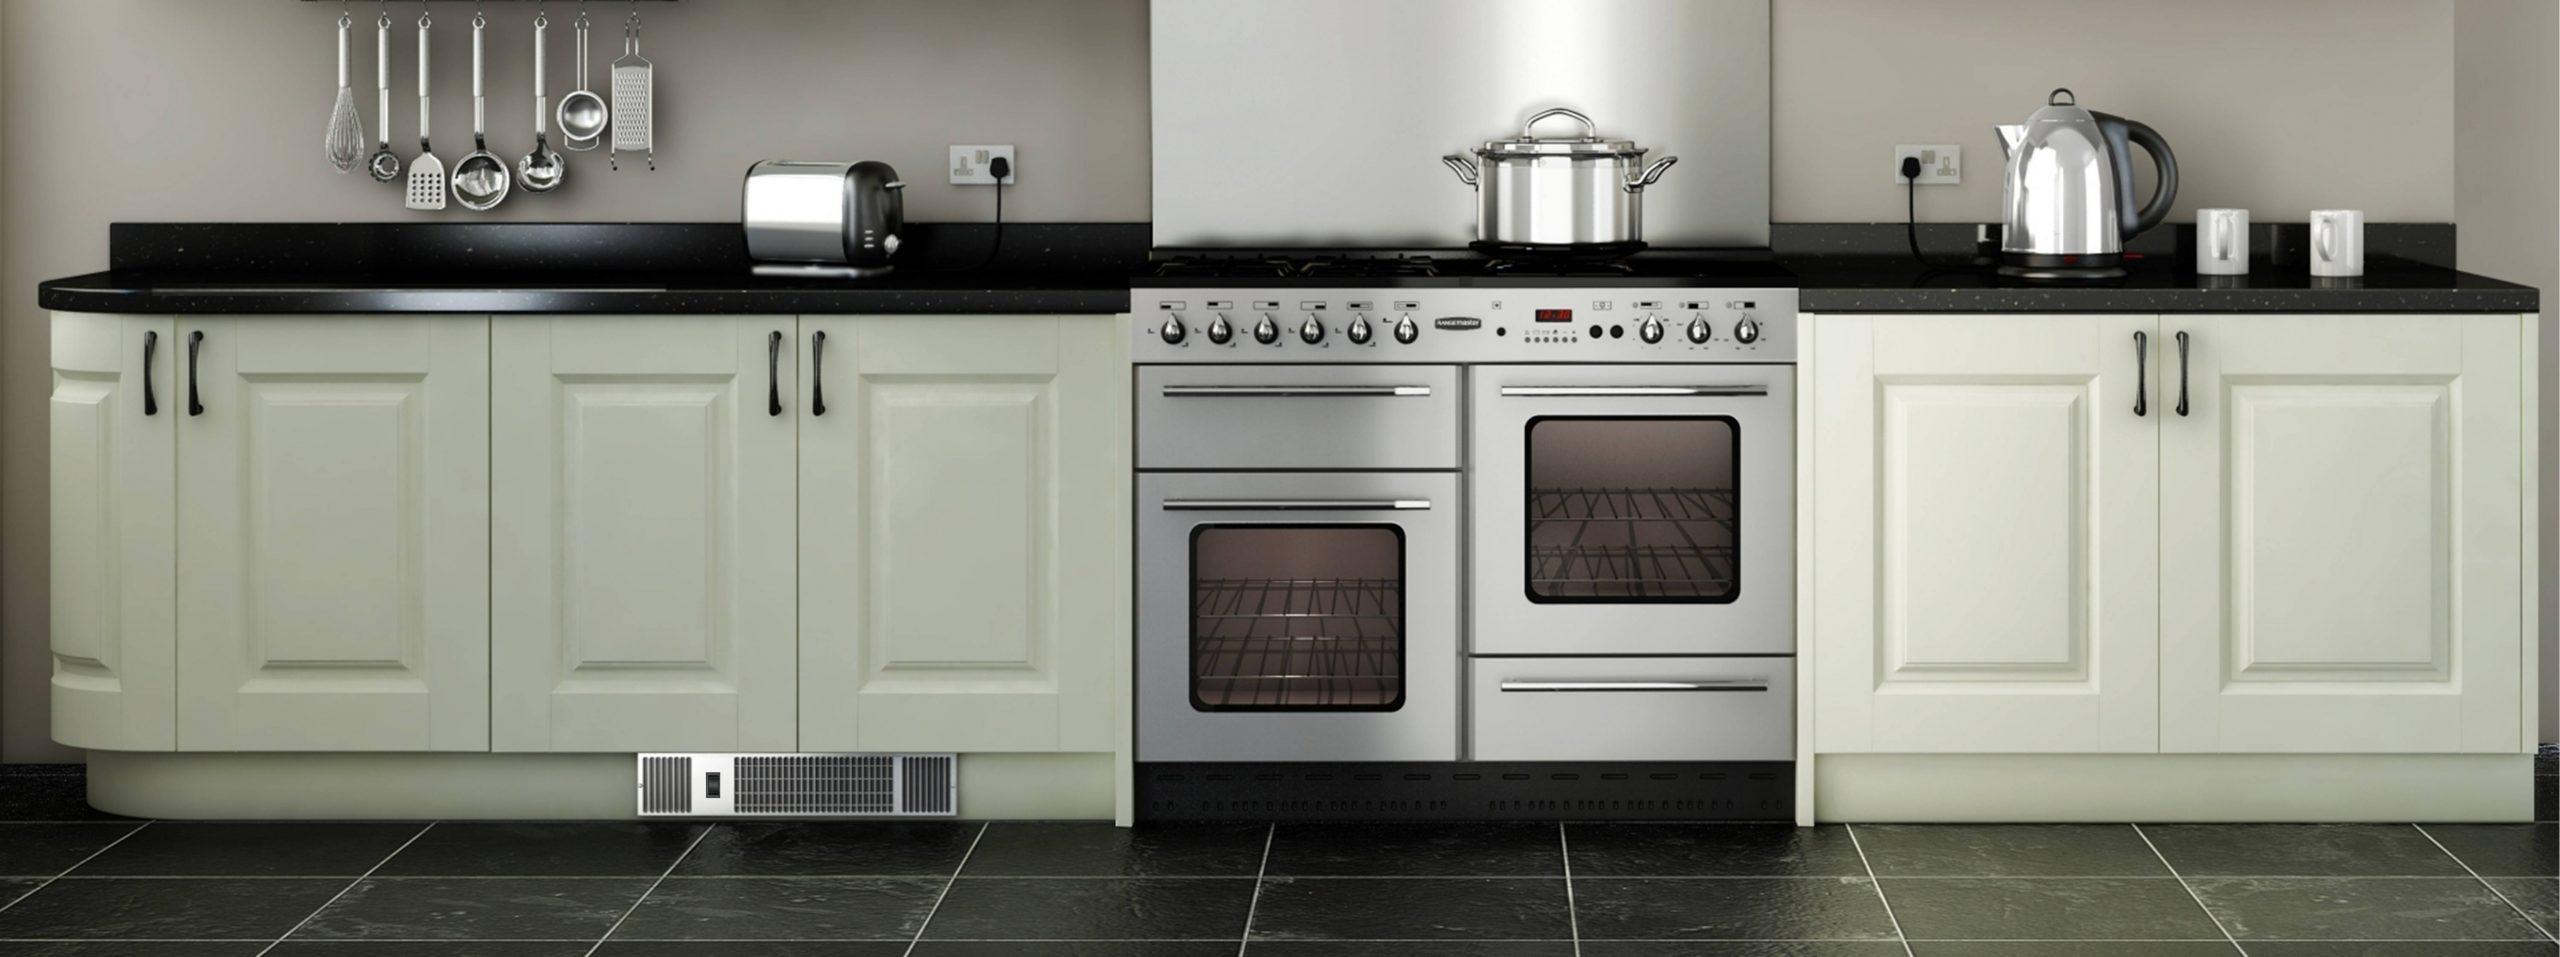 Kickspace Heaters  Baseboard Heaters  Fan Convectors  Radiators - Kitchen Cabinet Baseboard Heater